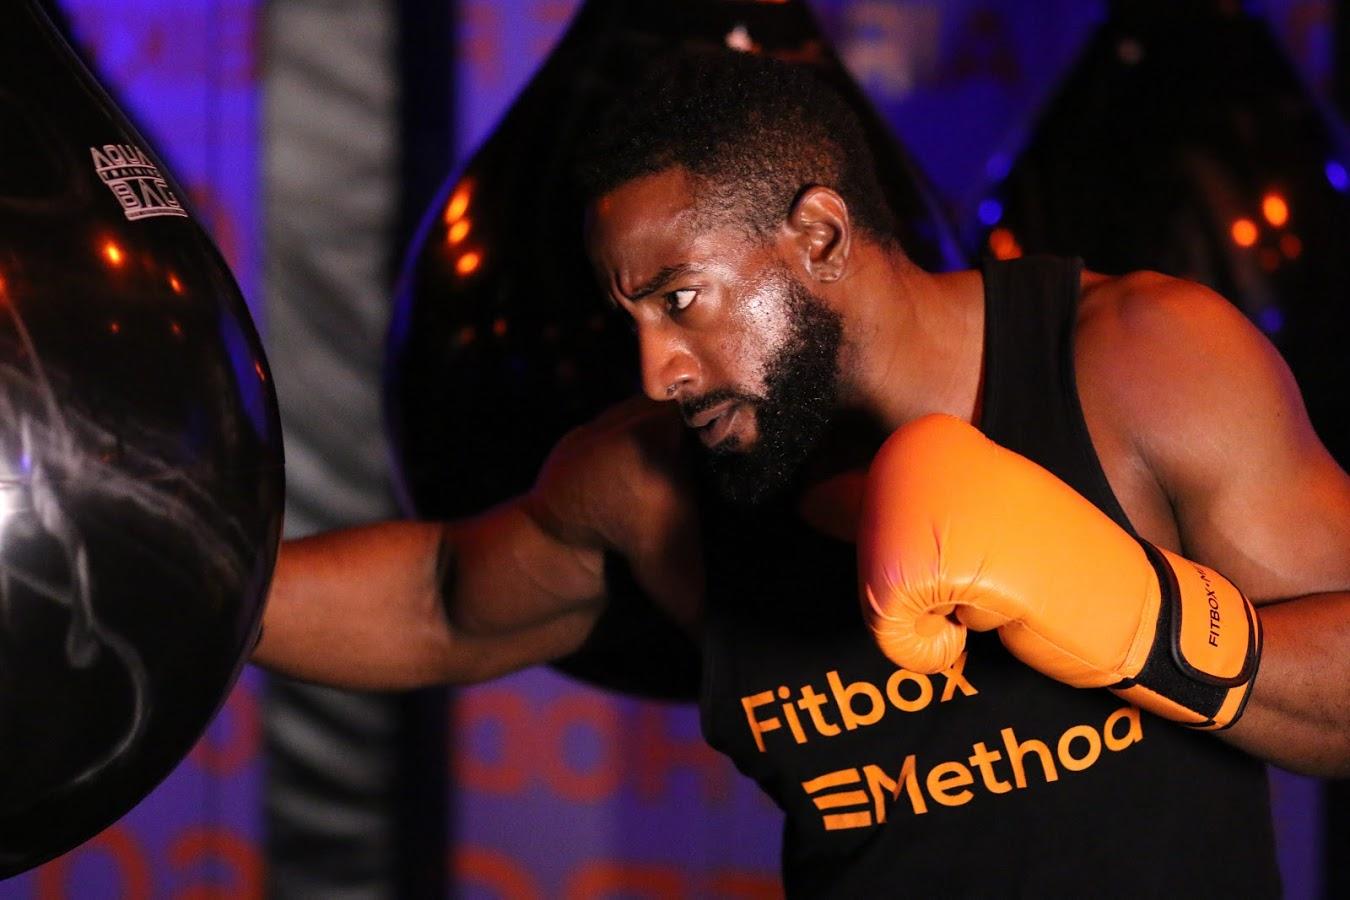 Fitbox Method